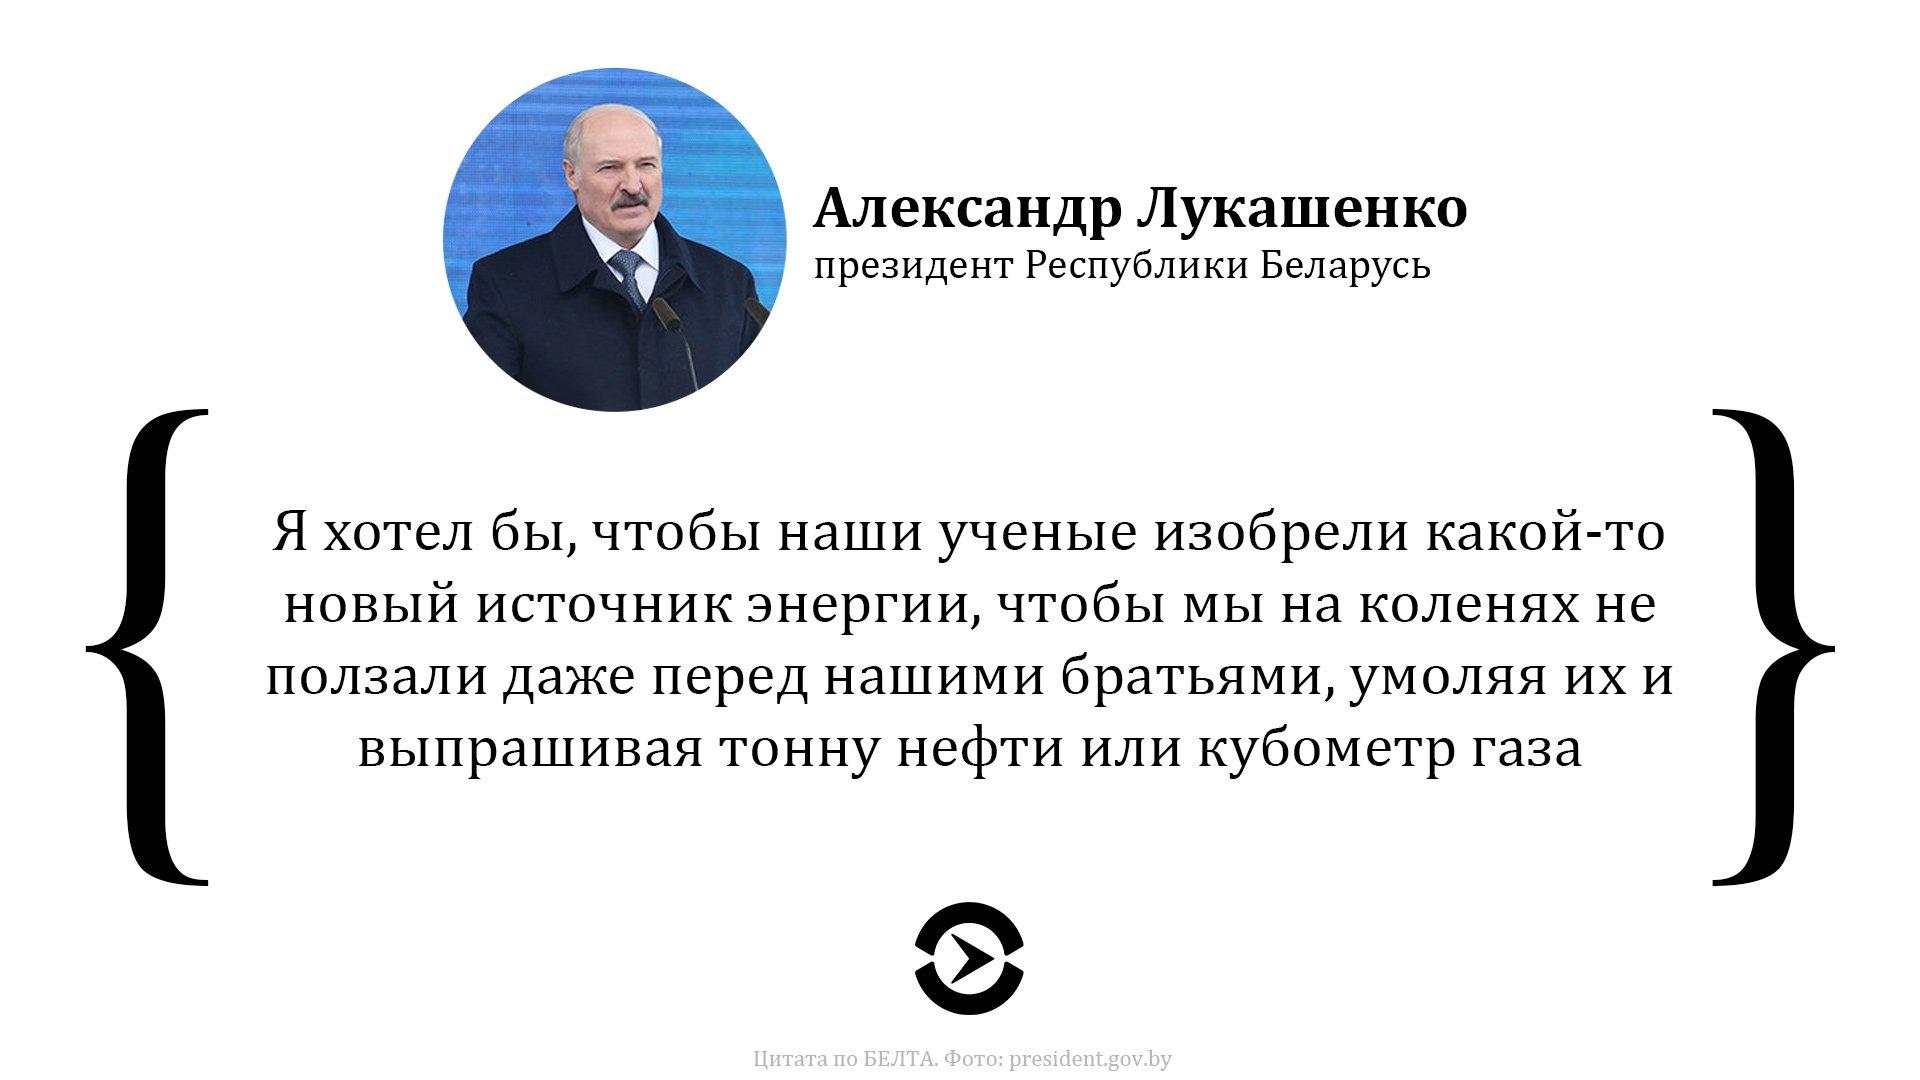 Украина и Беларусь договорились до 28 марта обменяться информацией по инциденту с джипом - Слободян - Цензор.НЕТ 2666